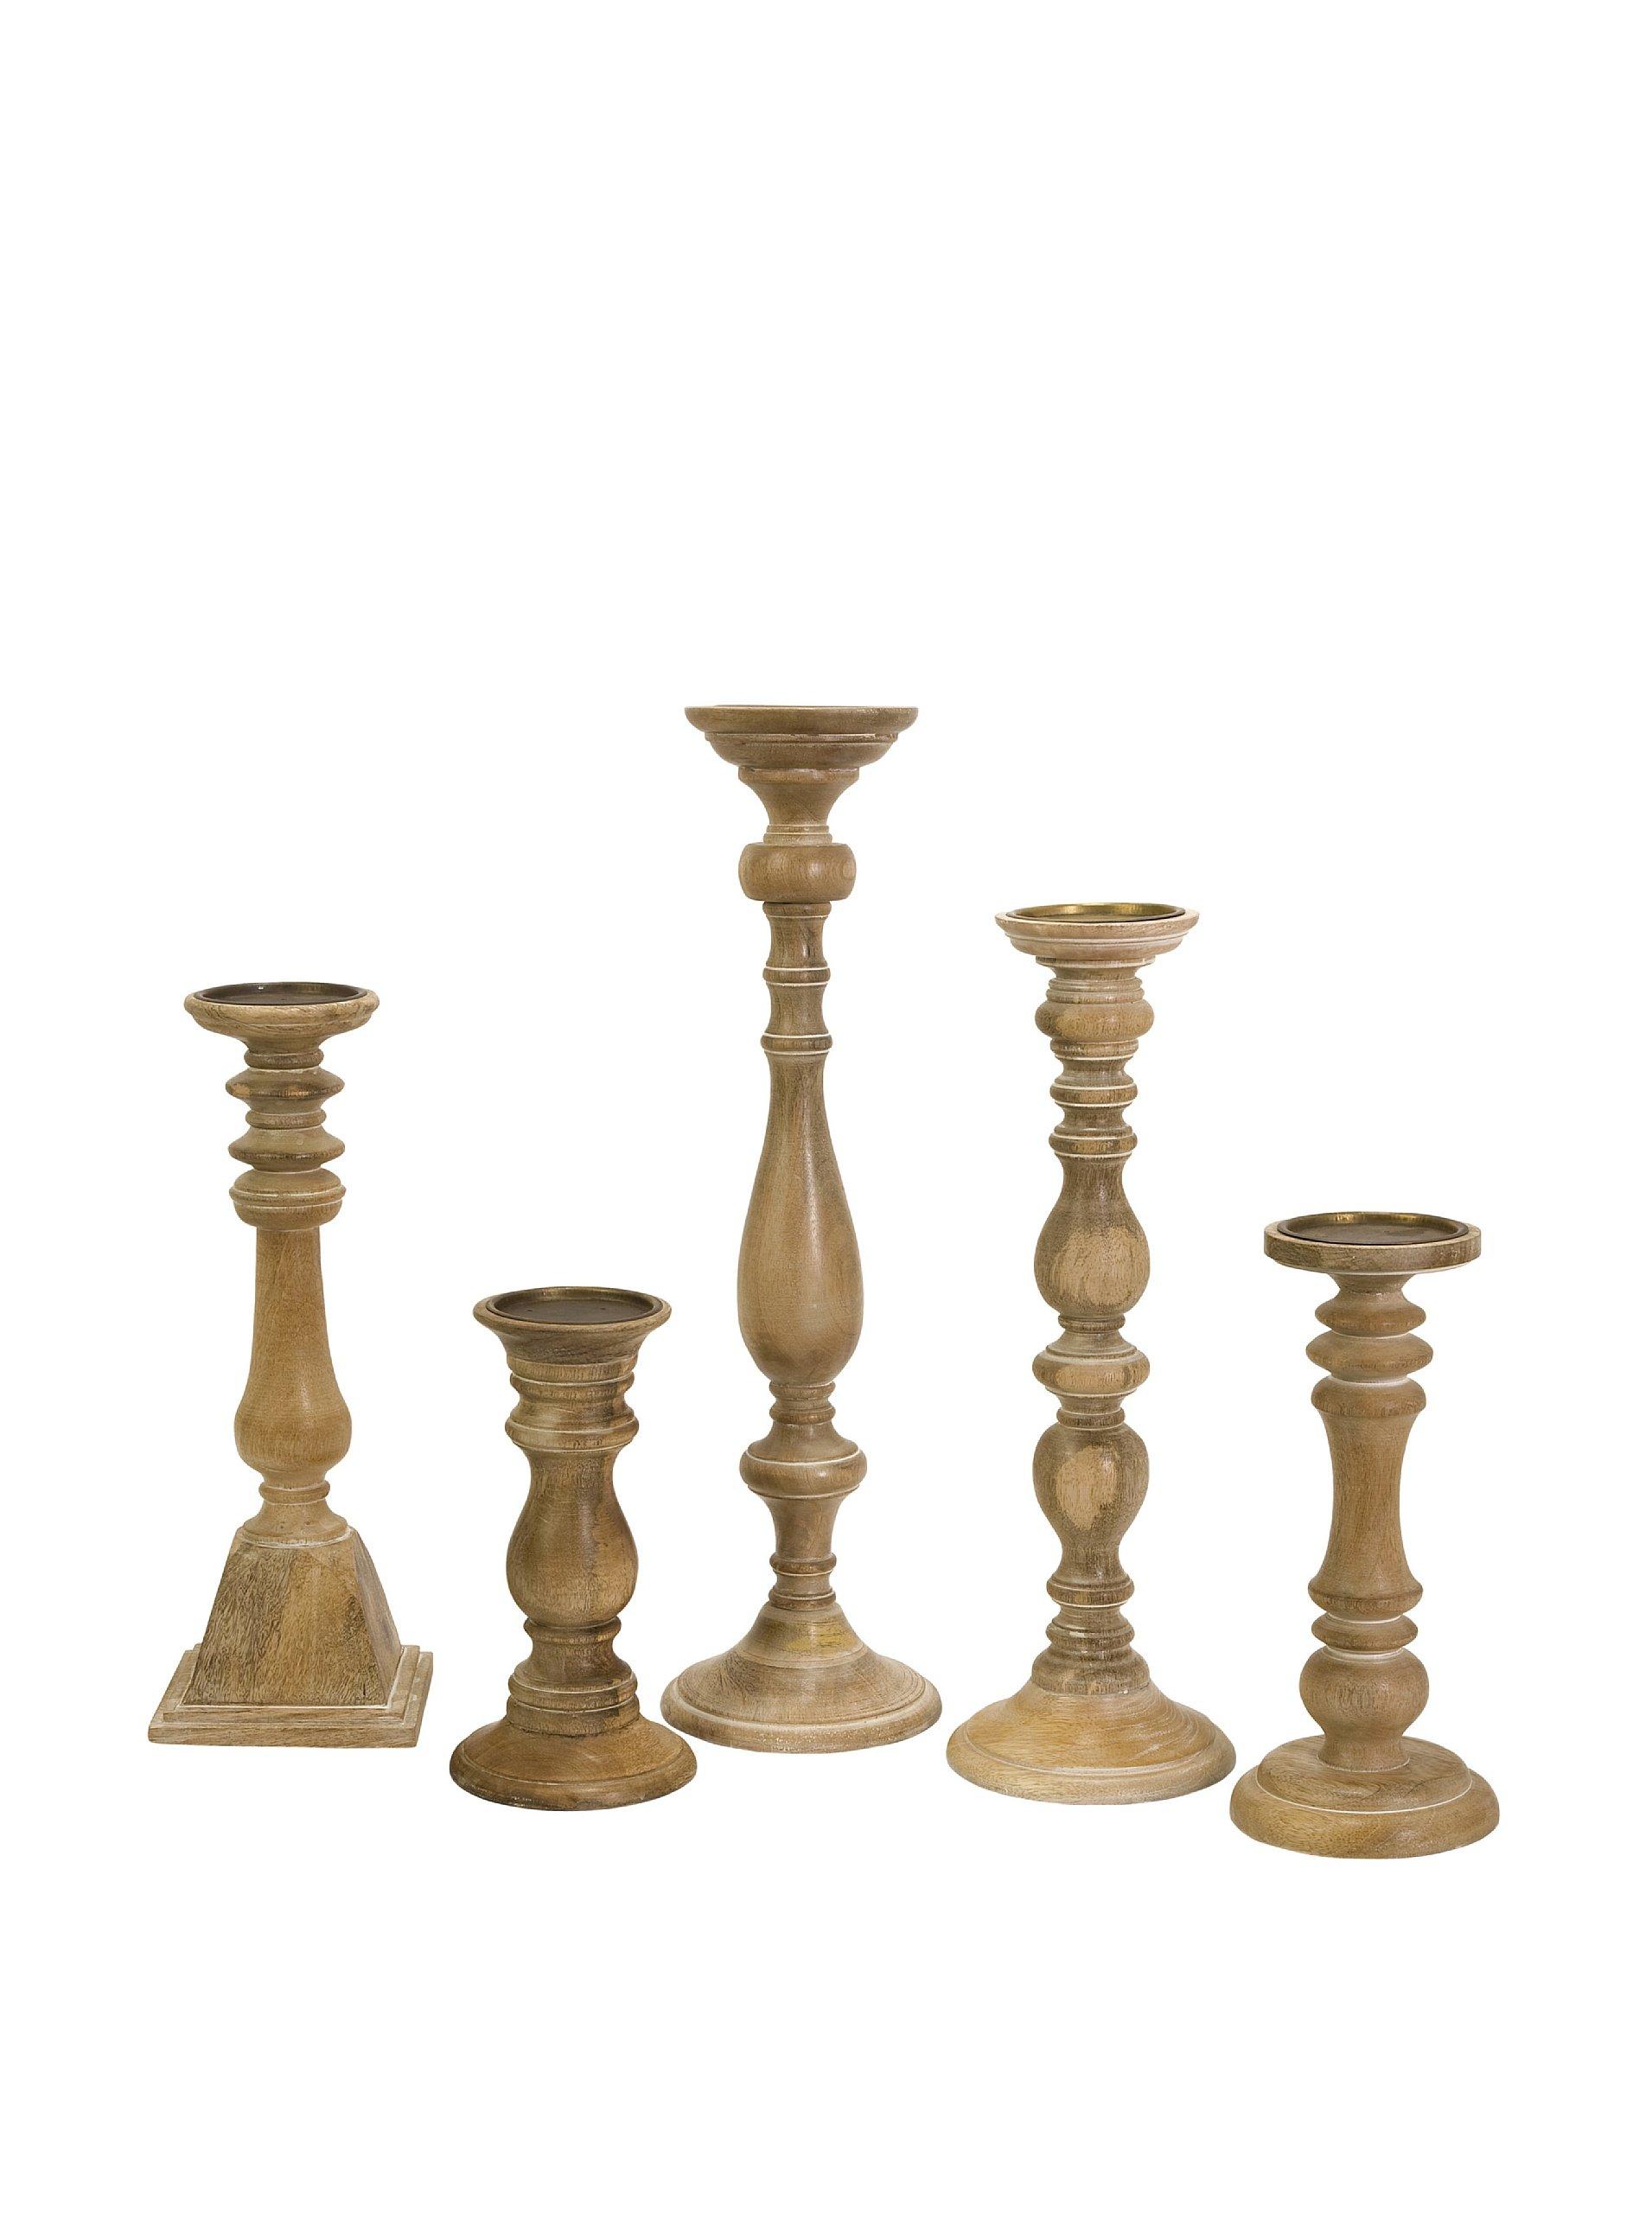 IMAX Mason Natural Wash Wood Candleholders, Set of 5 by Imax (Image #1)